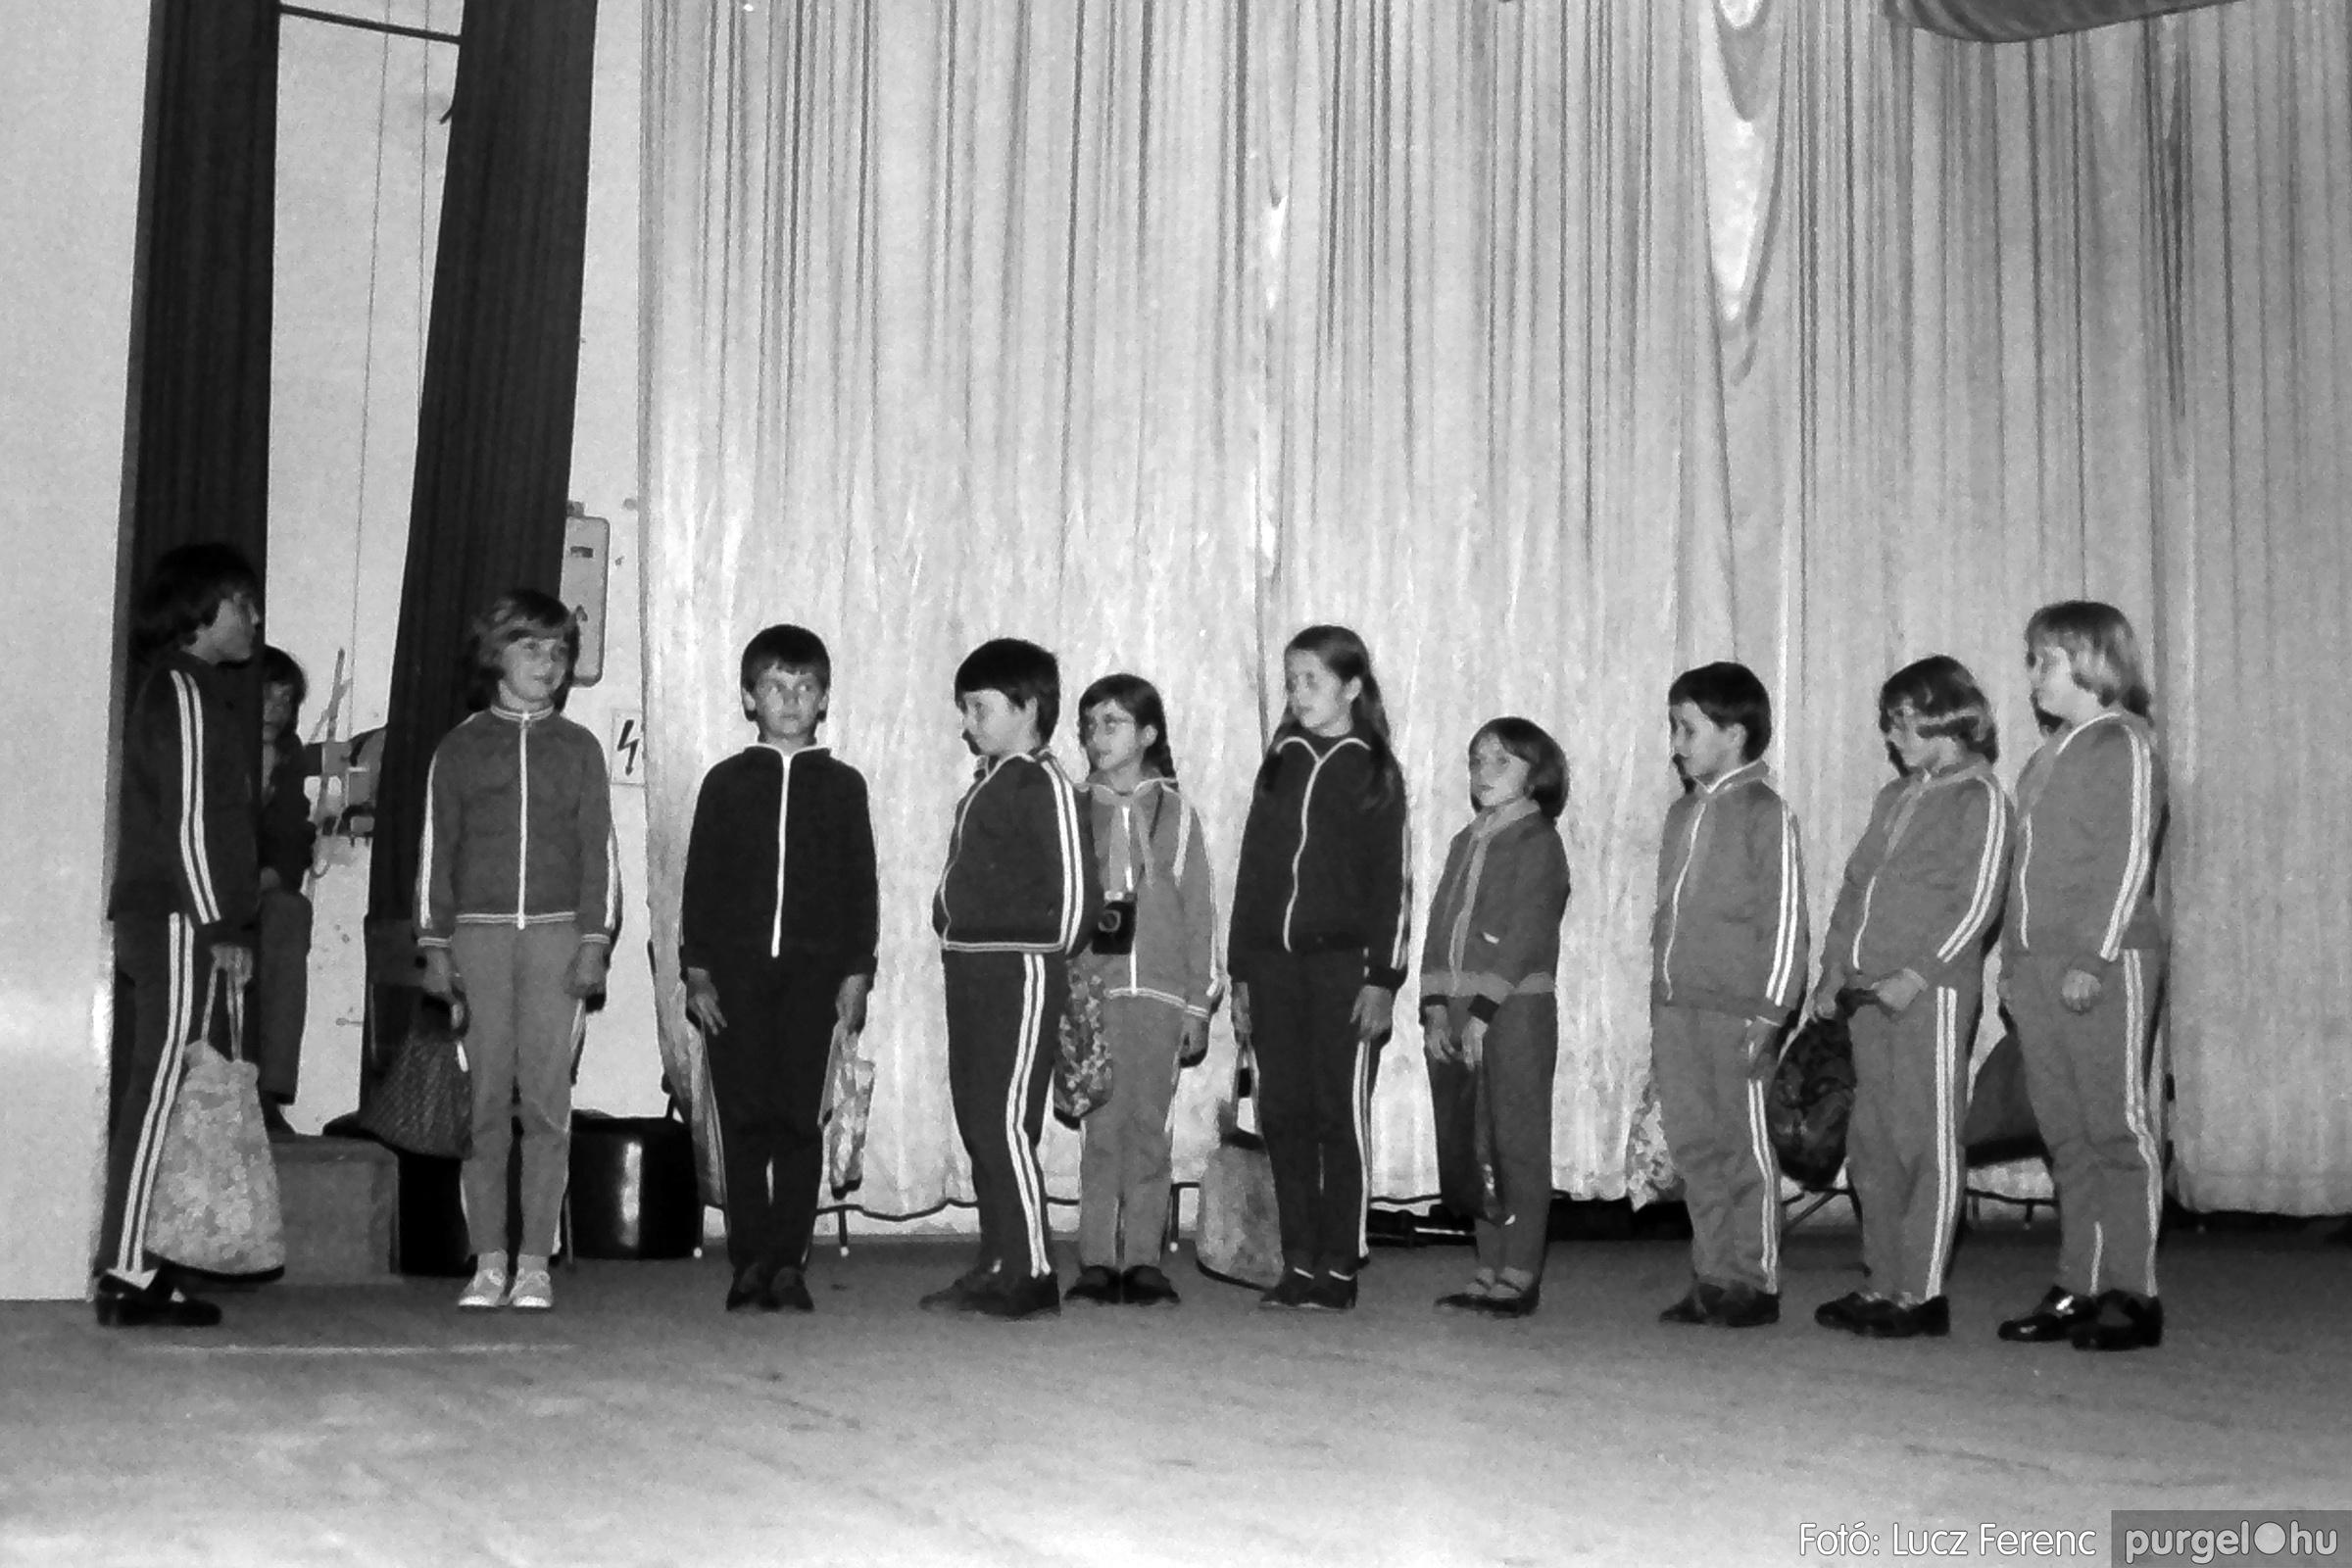 076. 1977. Iskolások fellépése a kultúrházban 007. - Fotó: Lucz Ferenc.jpg